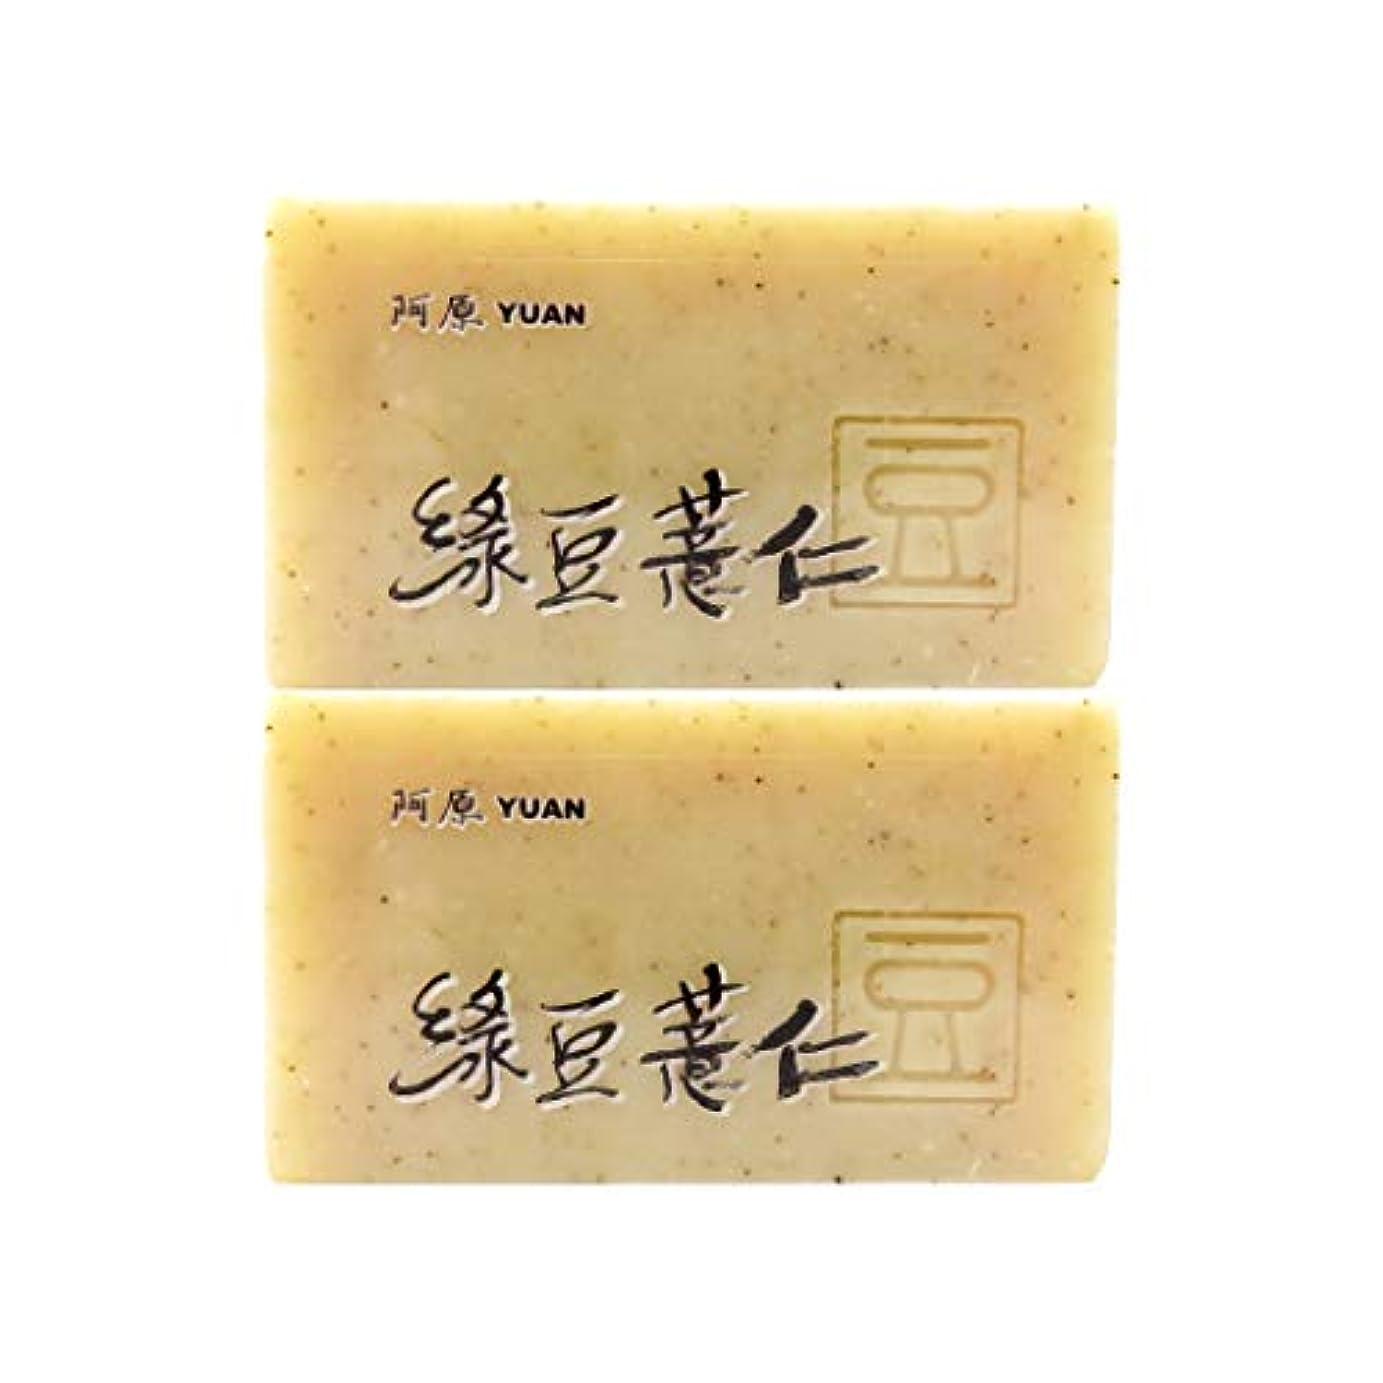 糸ポンドいつでもユアン(YUAN) ハトムギ+リョクトウソープ 100g (2個セット)